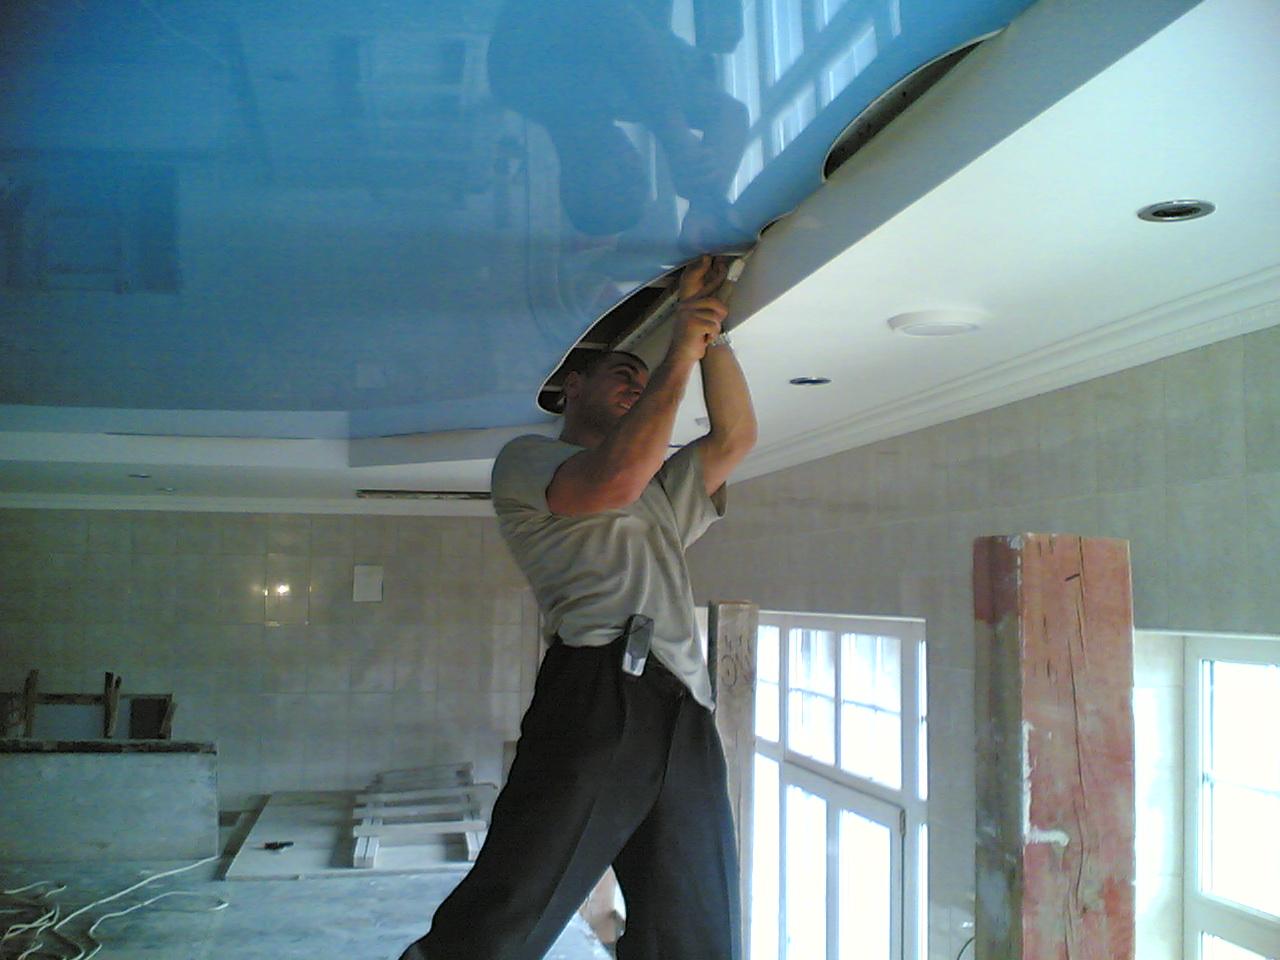 Дизайнерский потолок, многоуровневый, высота потолков 2,2 м, площадь 30кв.м